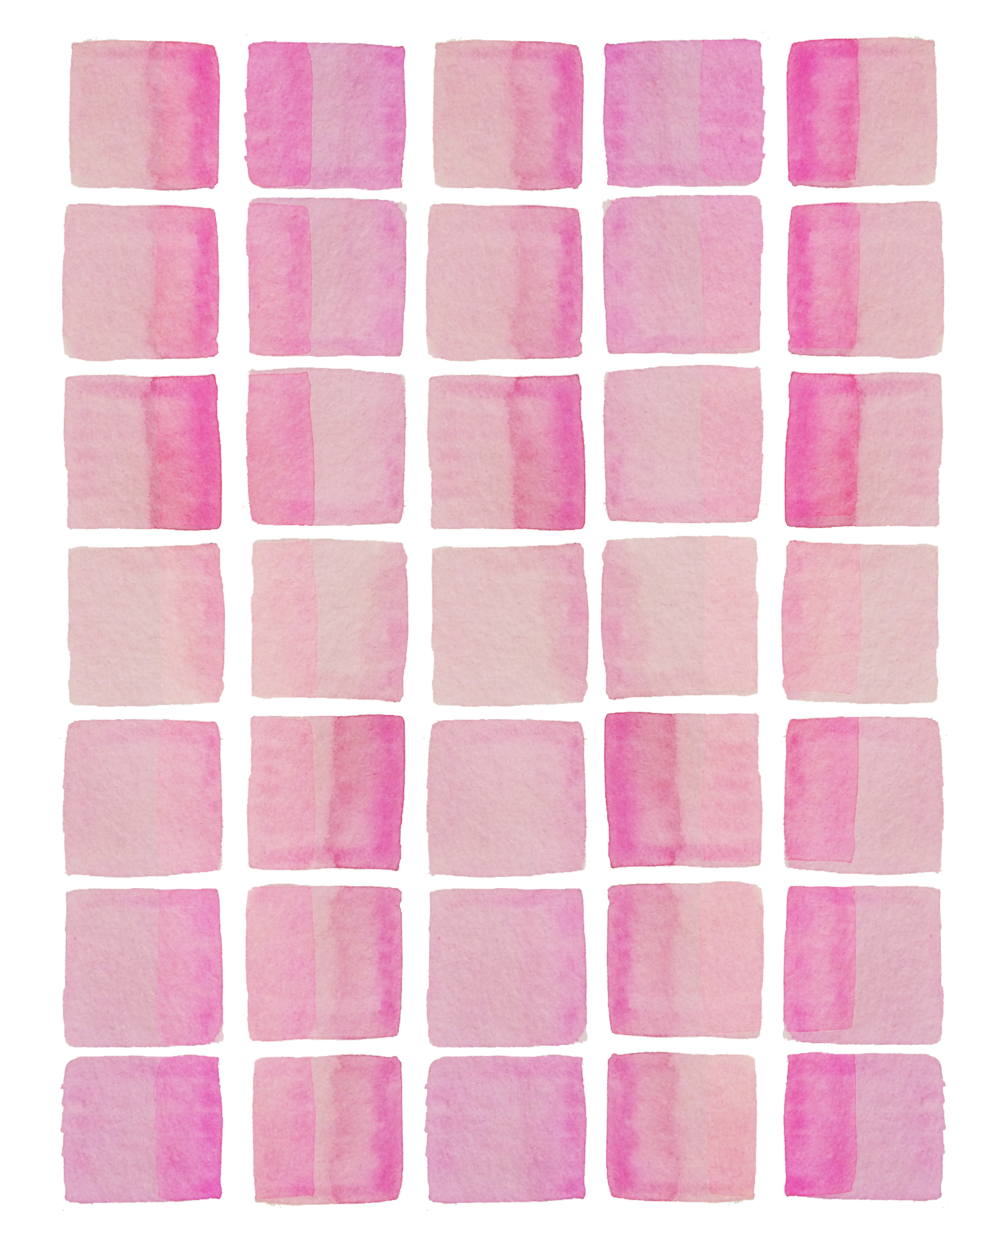 staffordbensen-pinksquares